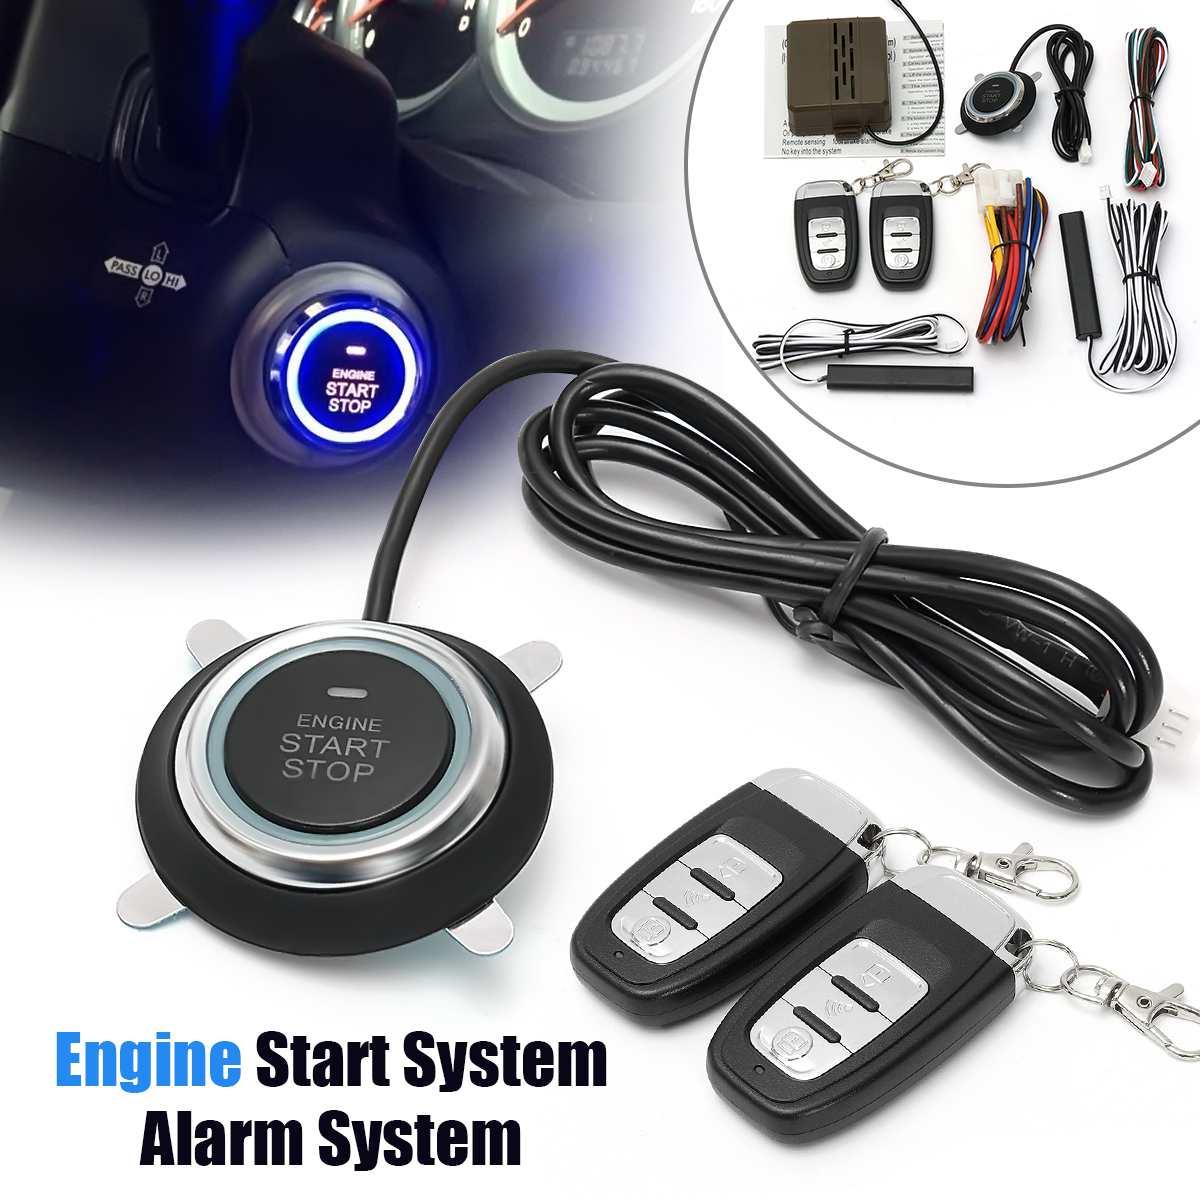 Parada de Partida Do Motor Do Carro SUV Audew Keyless Entry Botão Sistema de Alarme de Arranque Remoto de Partida Do Motor Parar Auto Acessórios Do Carro